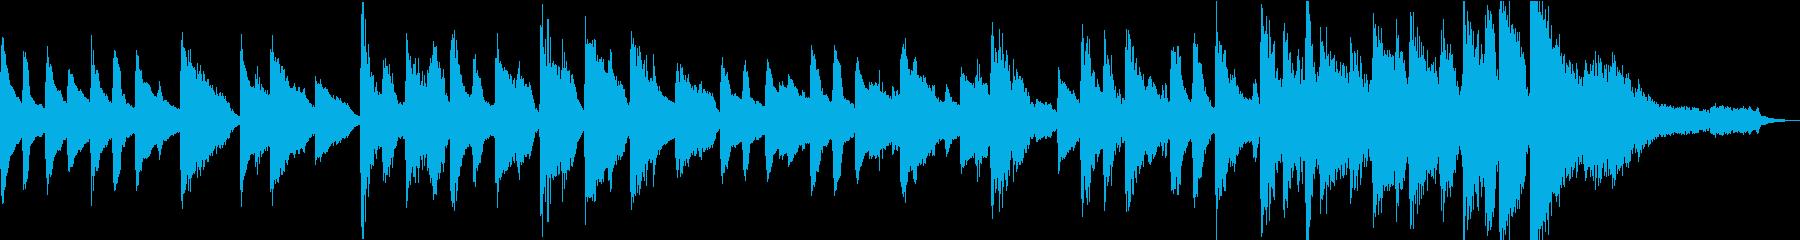 【ほのぼの系】30秒ピアノソロ【ループ】の再生済みの波形